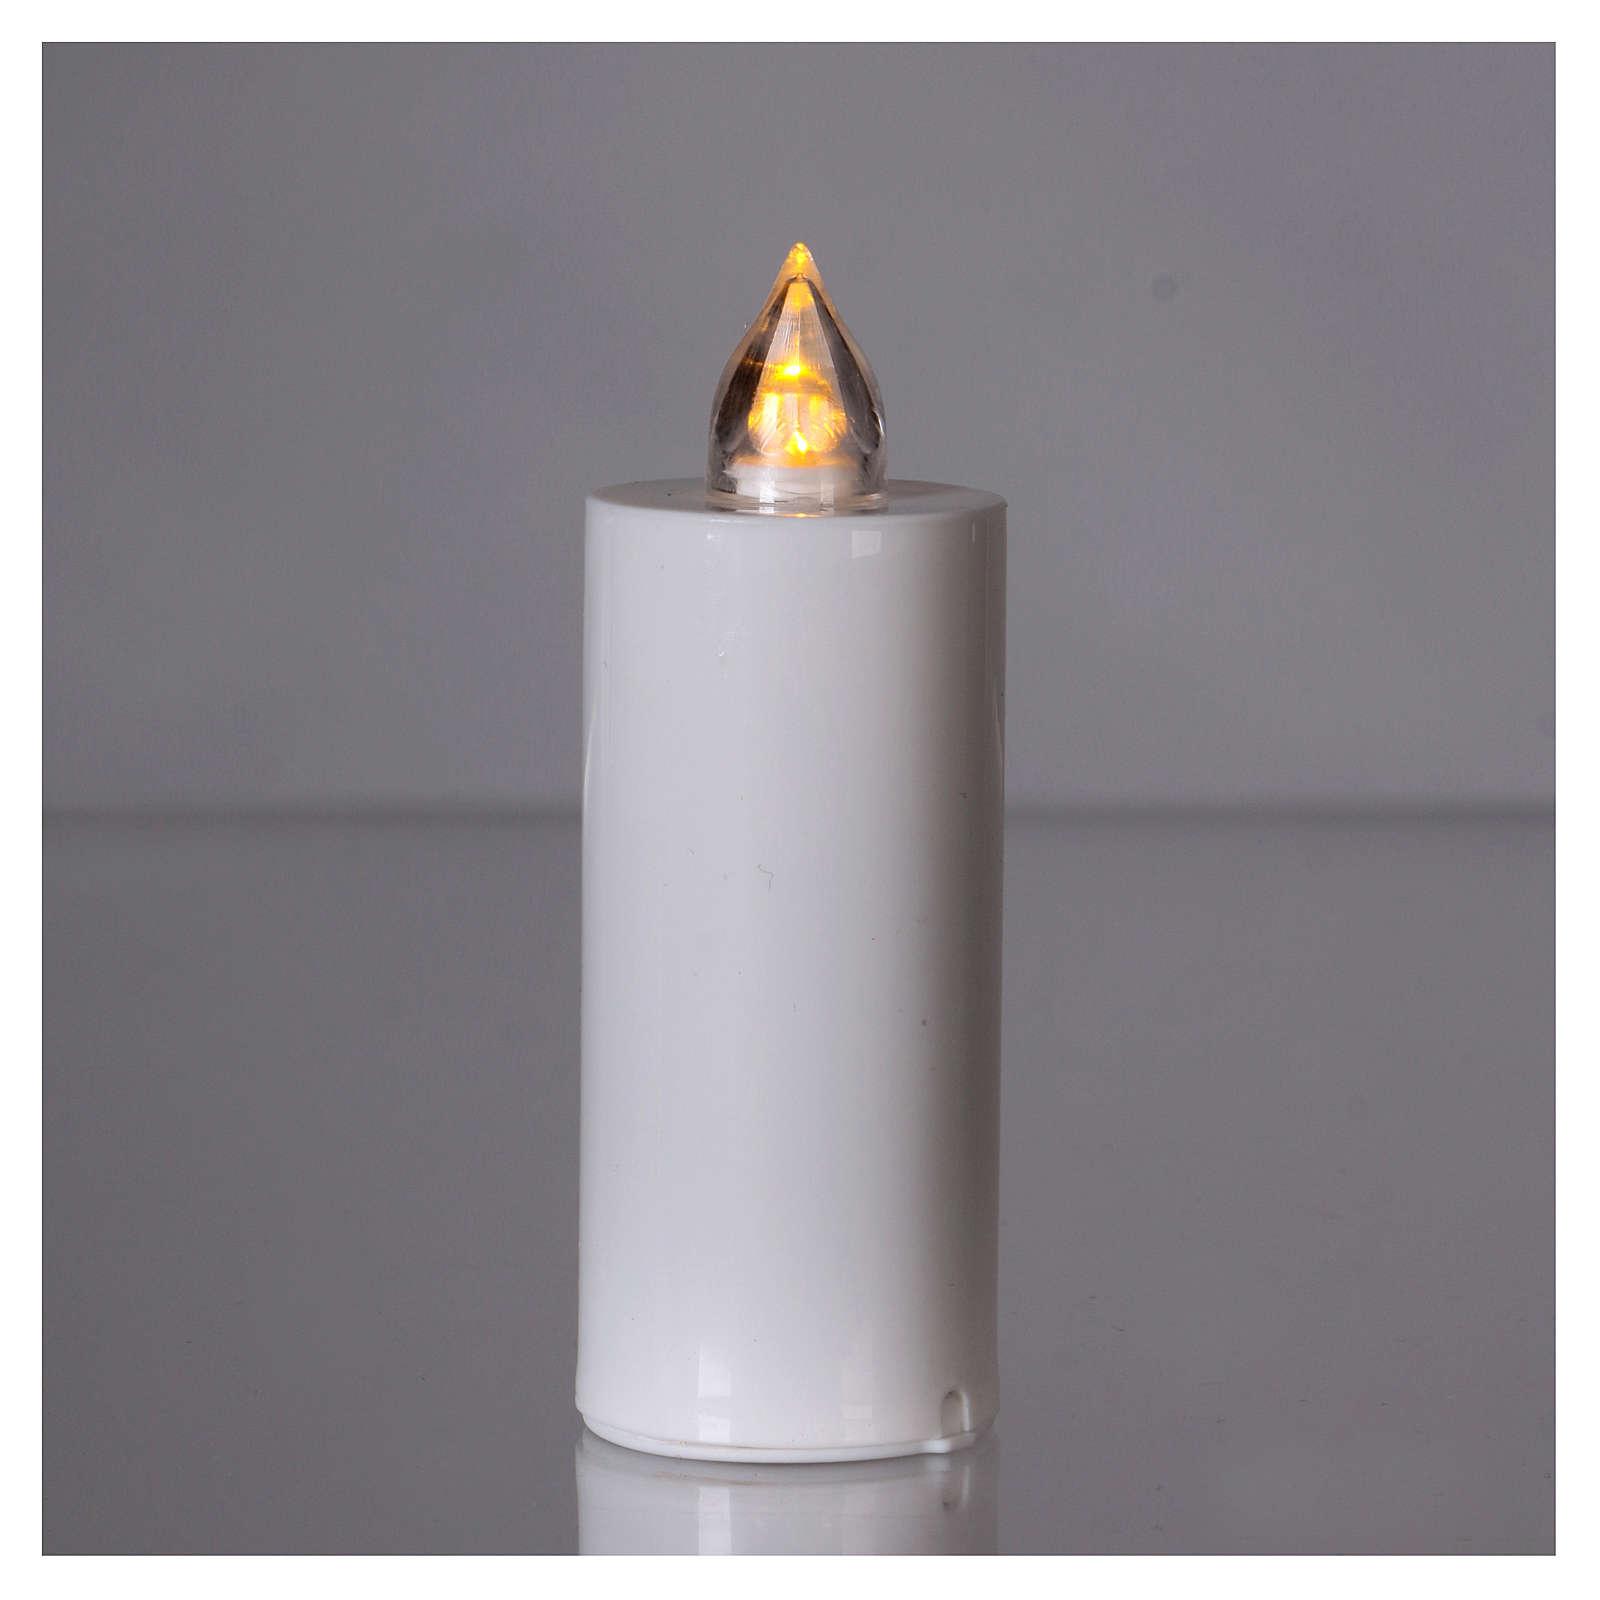 Bougie Lumada blanche avec lumière jaune flamme réelle 3